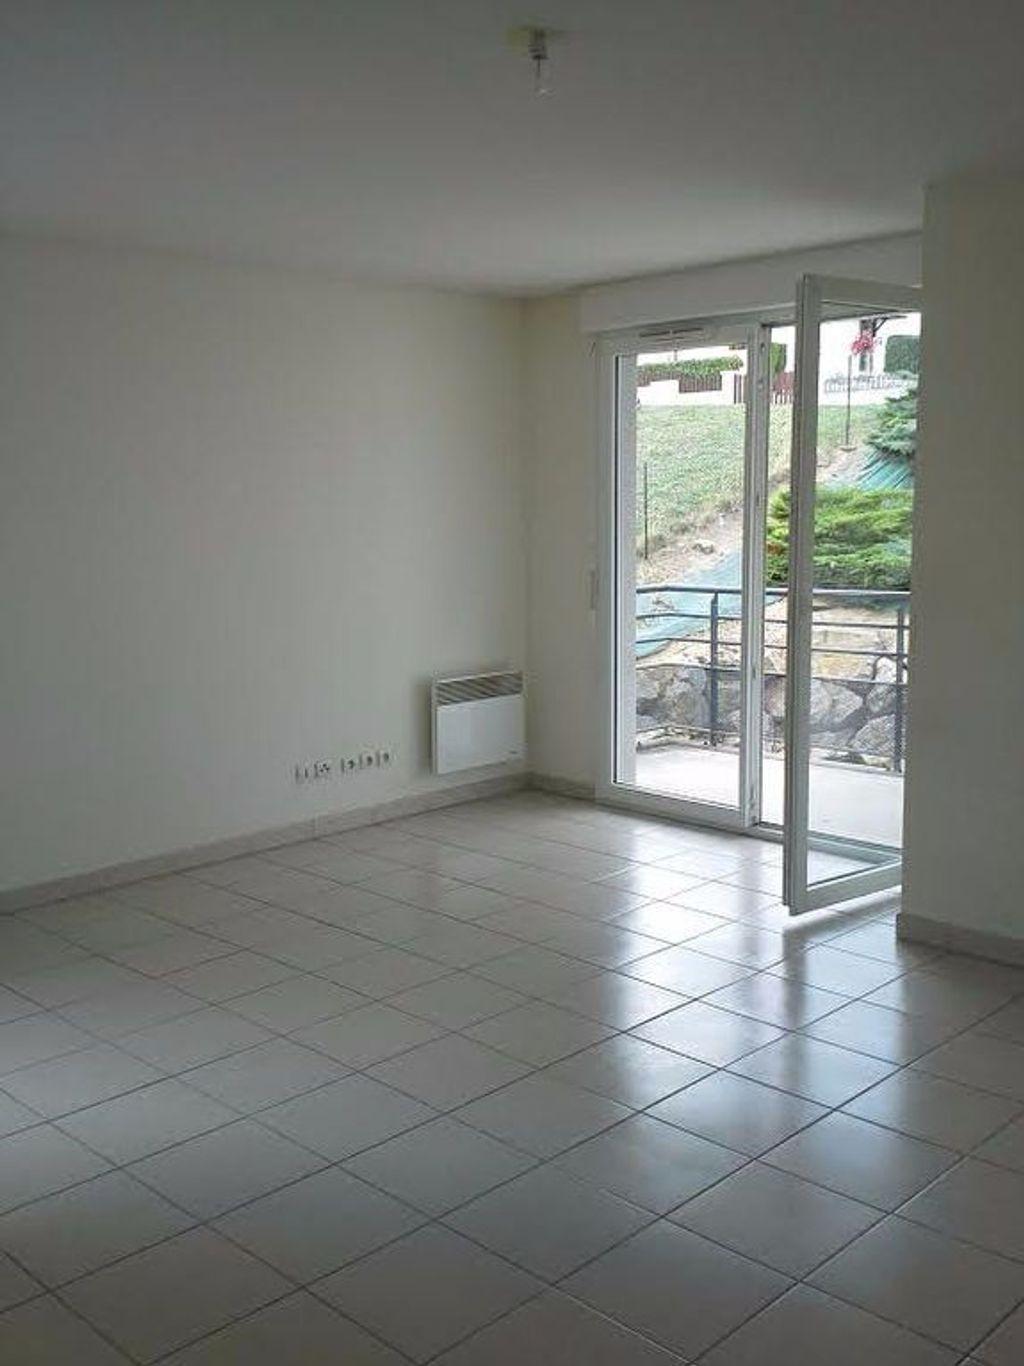 Achat appartement 3pièces 66m² - Montluçon